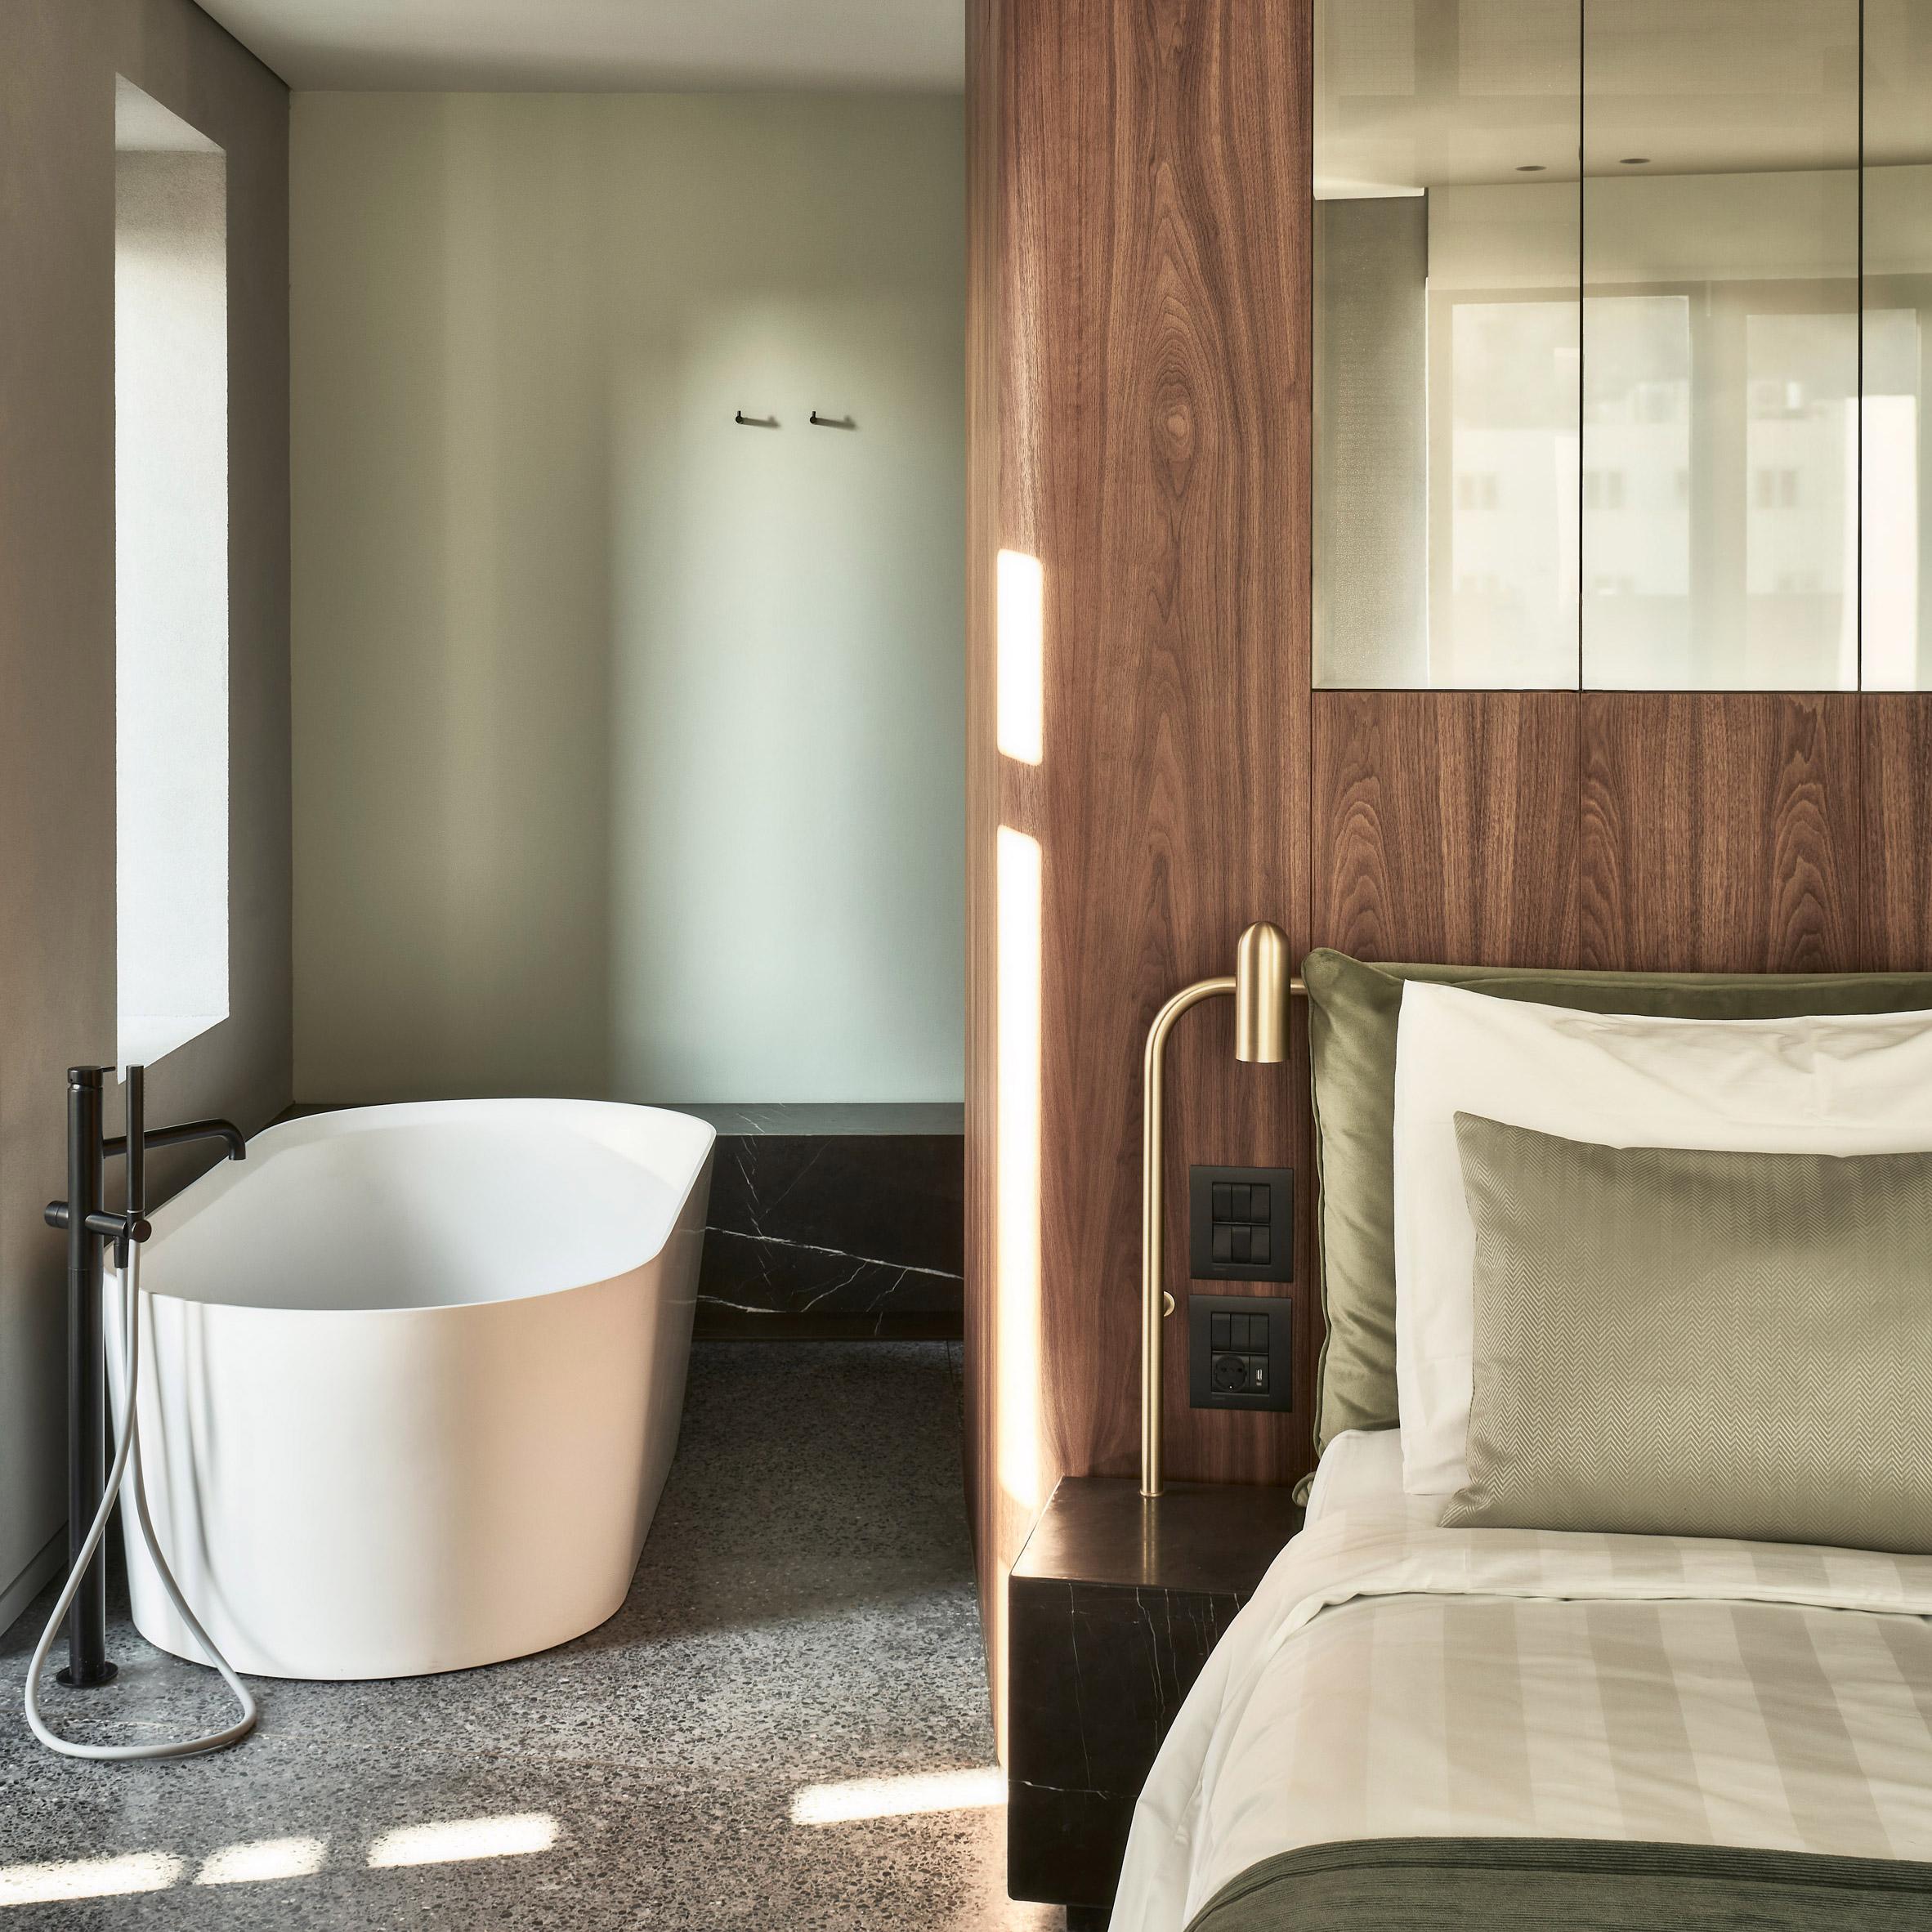 Thiết kế nội thất khách sạn 4 sao 8